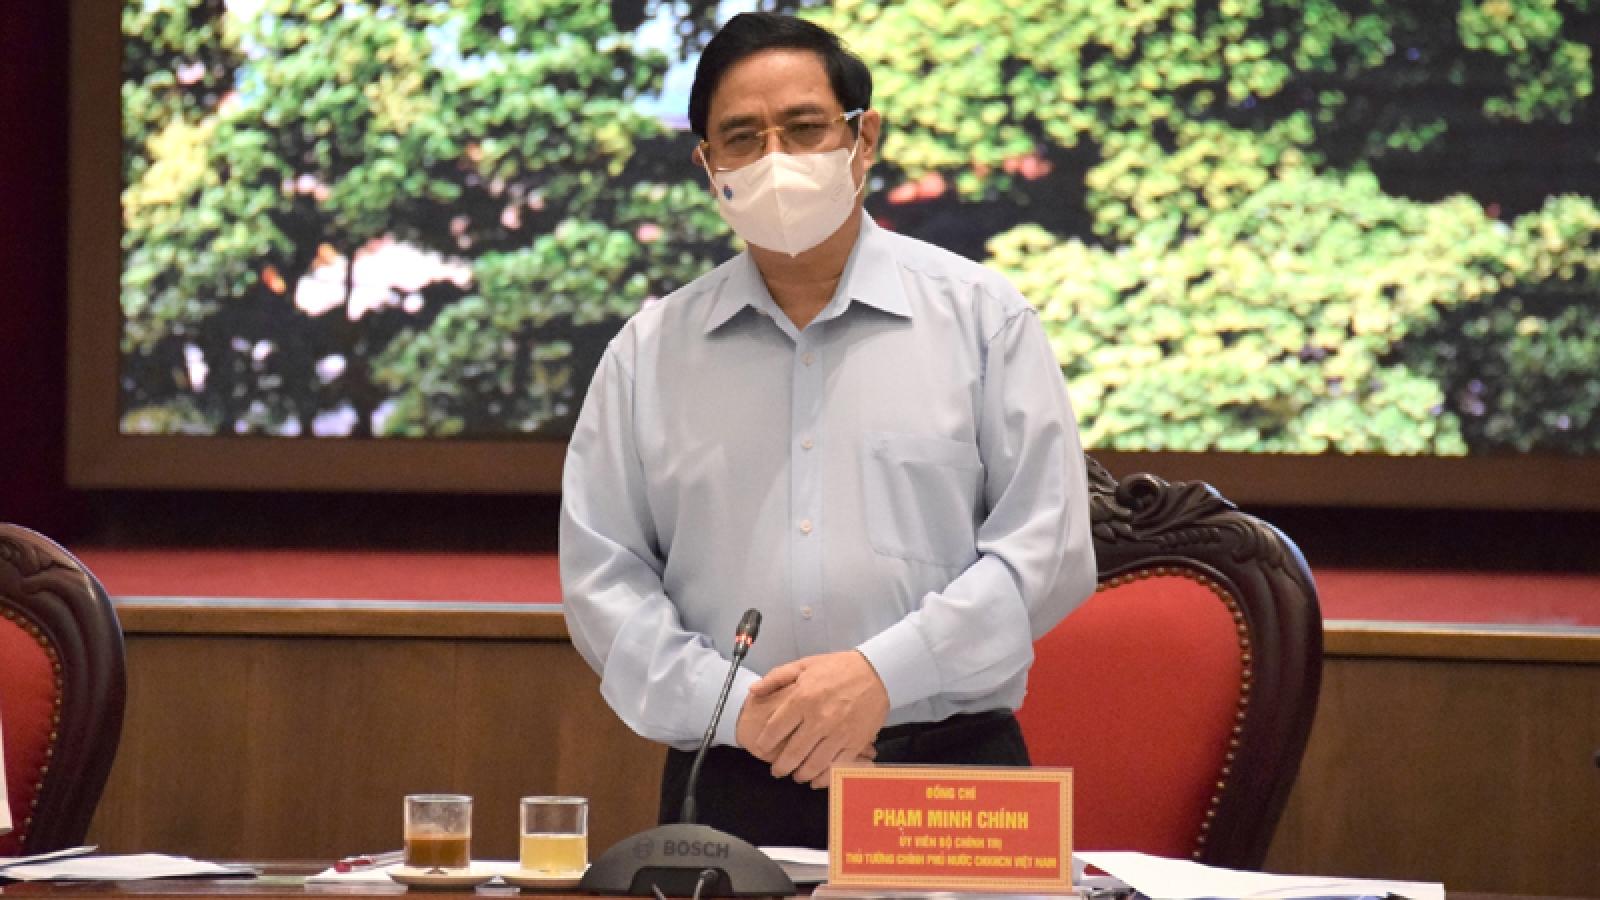 Thủ tướng: Ưu tiên số một là bảo vệ thủ đô không bị diễn biến xấu bởi dịch bệnh